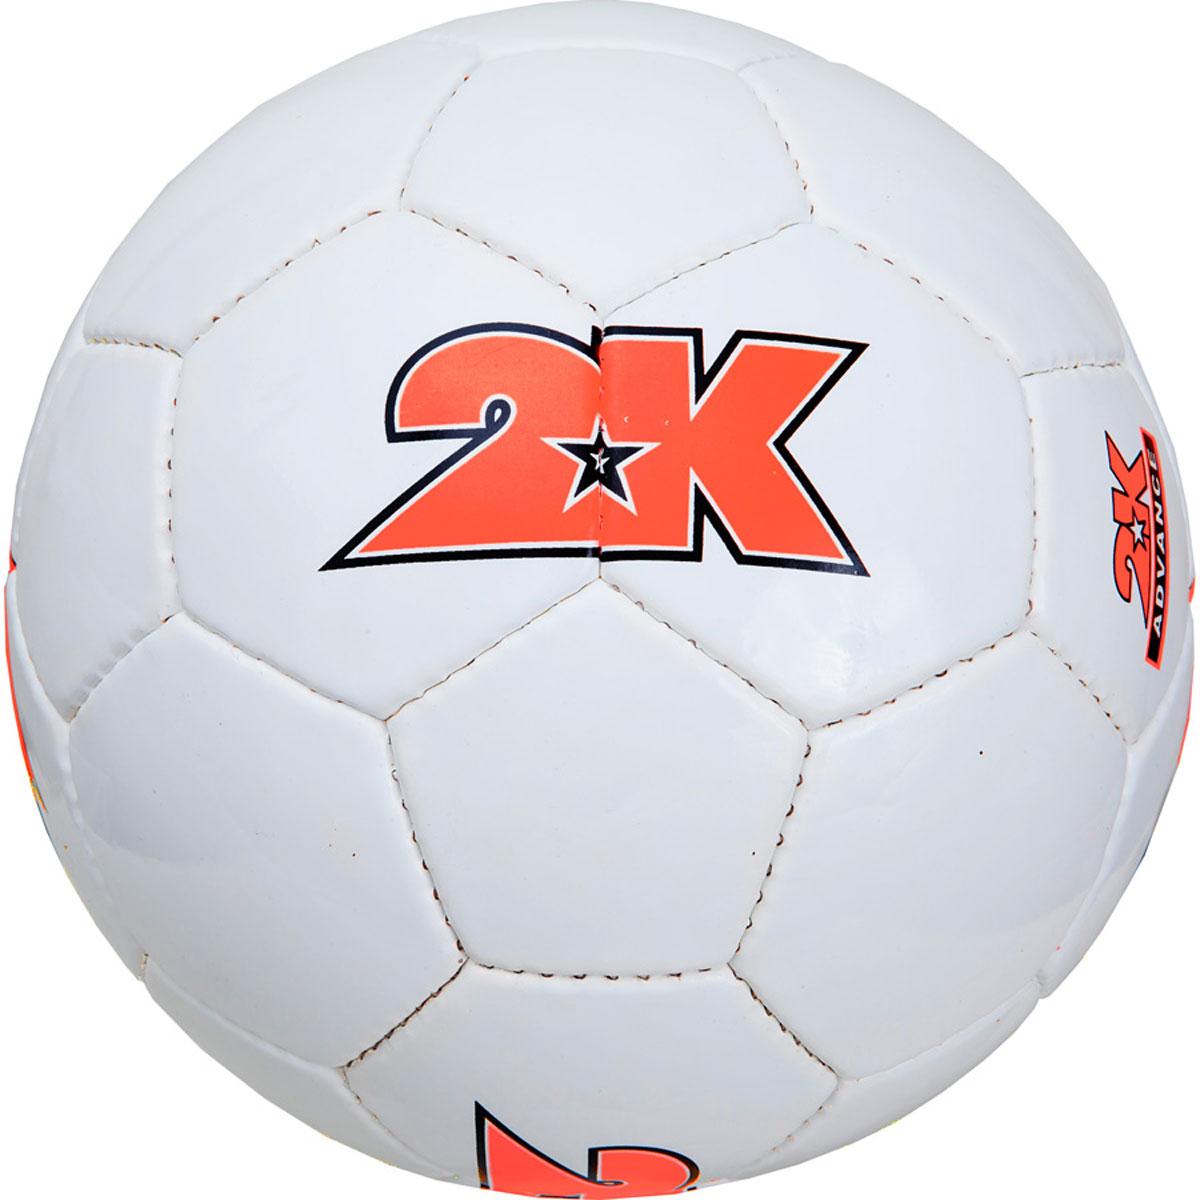 """Мяч футбольный 2K Sport """"Advance"""", цвет: белый, оранжевый. Размер 5 127048"""